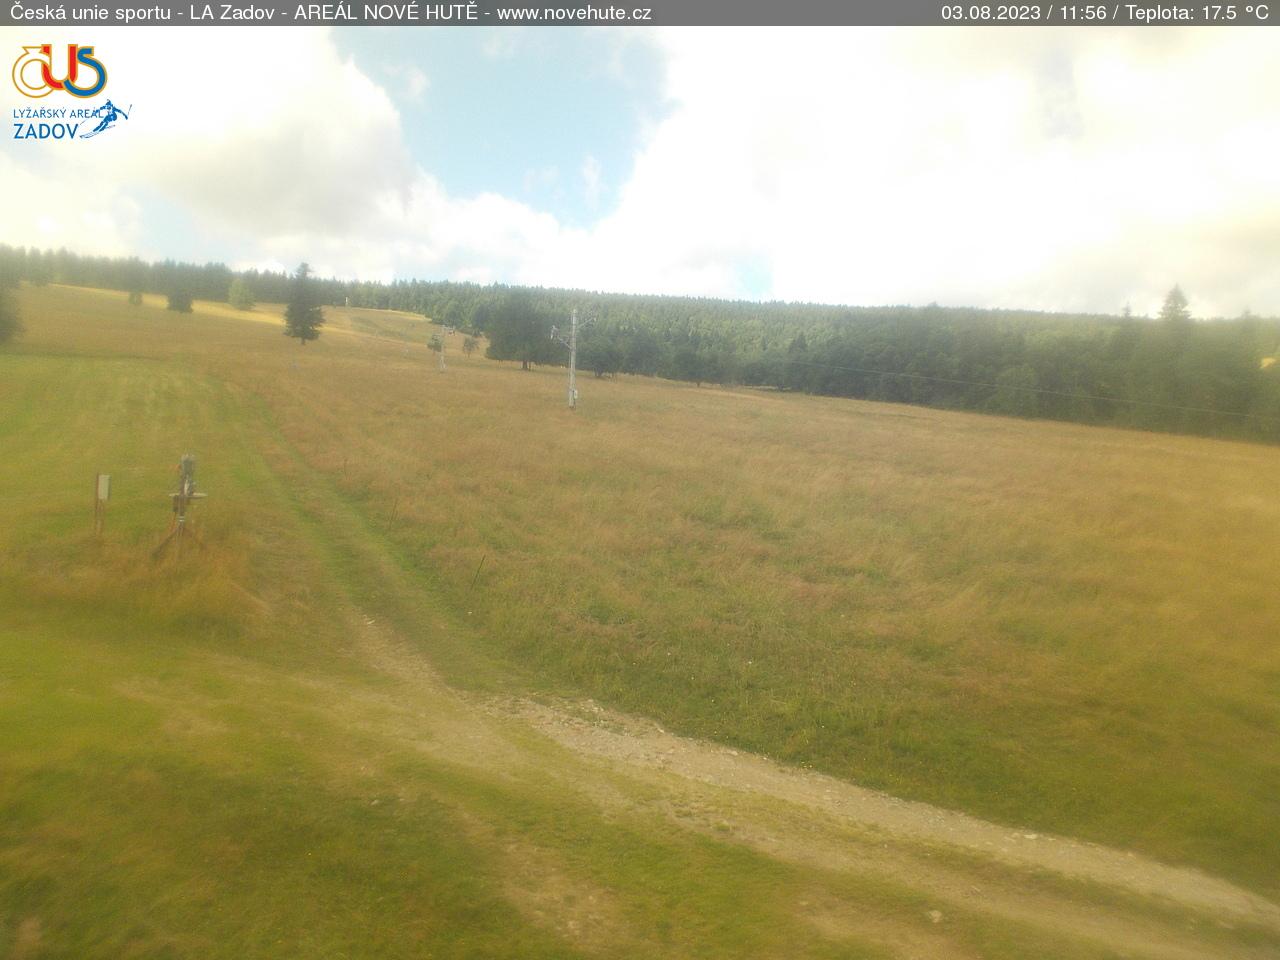 Webkamera - Nové Hutě